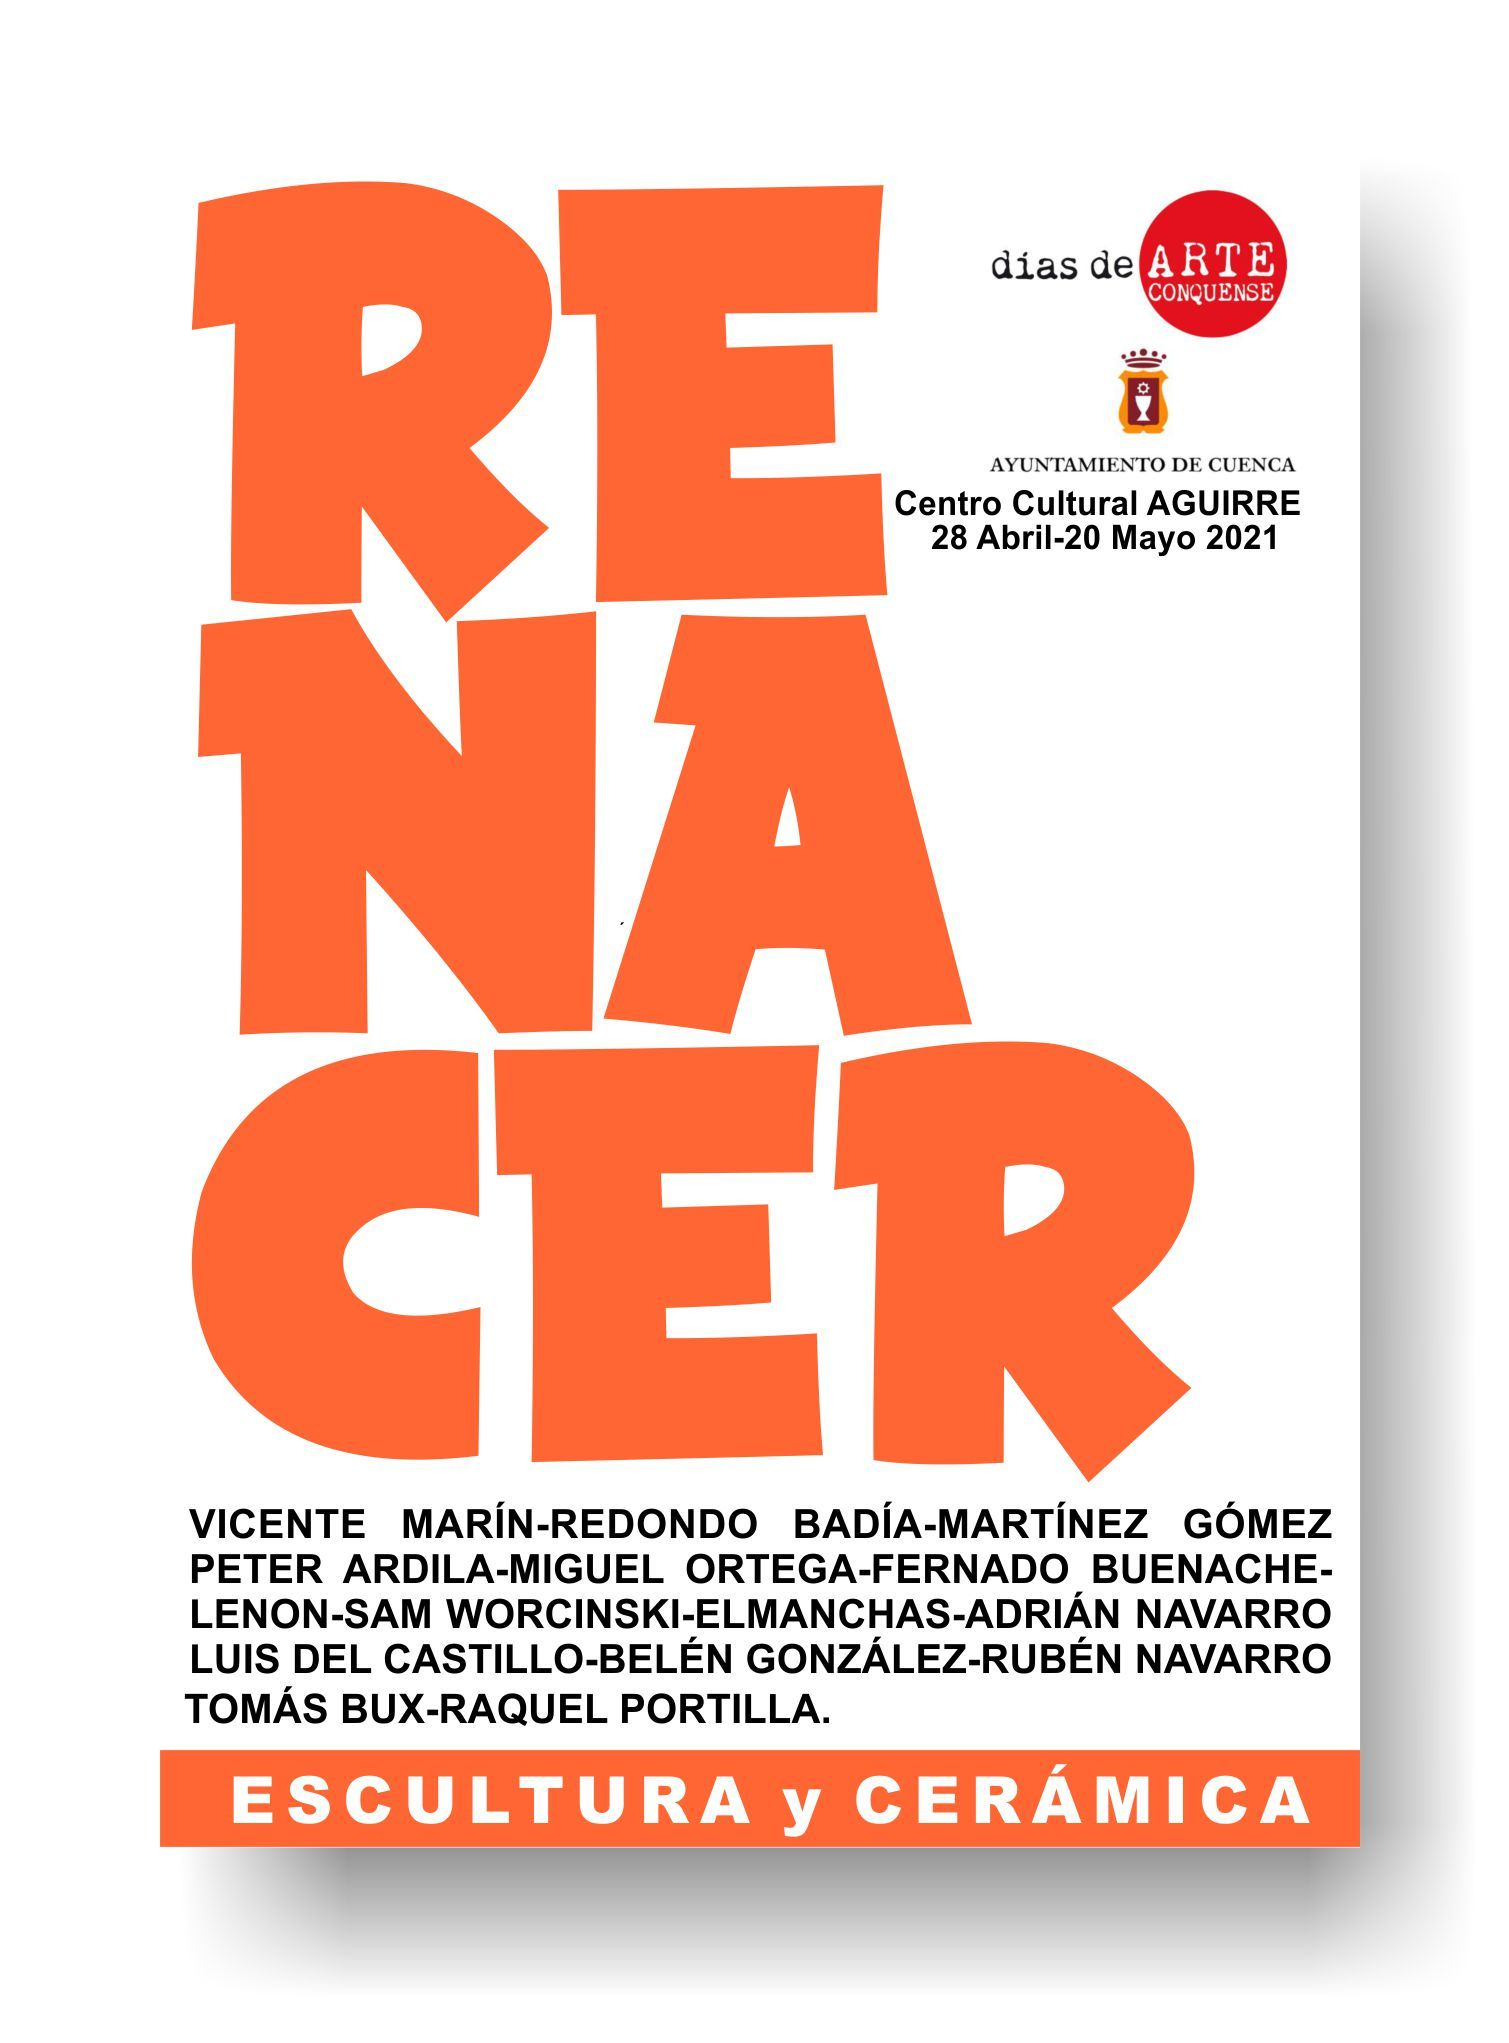 La sala de exposiciones del Centro Cultural Aguirre de Cuenca inaugura su tercera muestra de RENACER